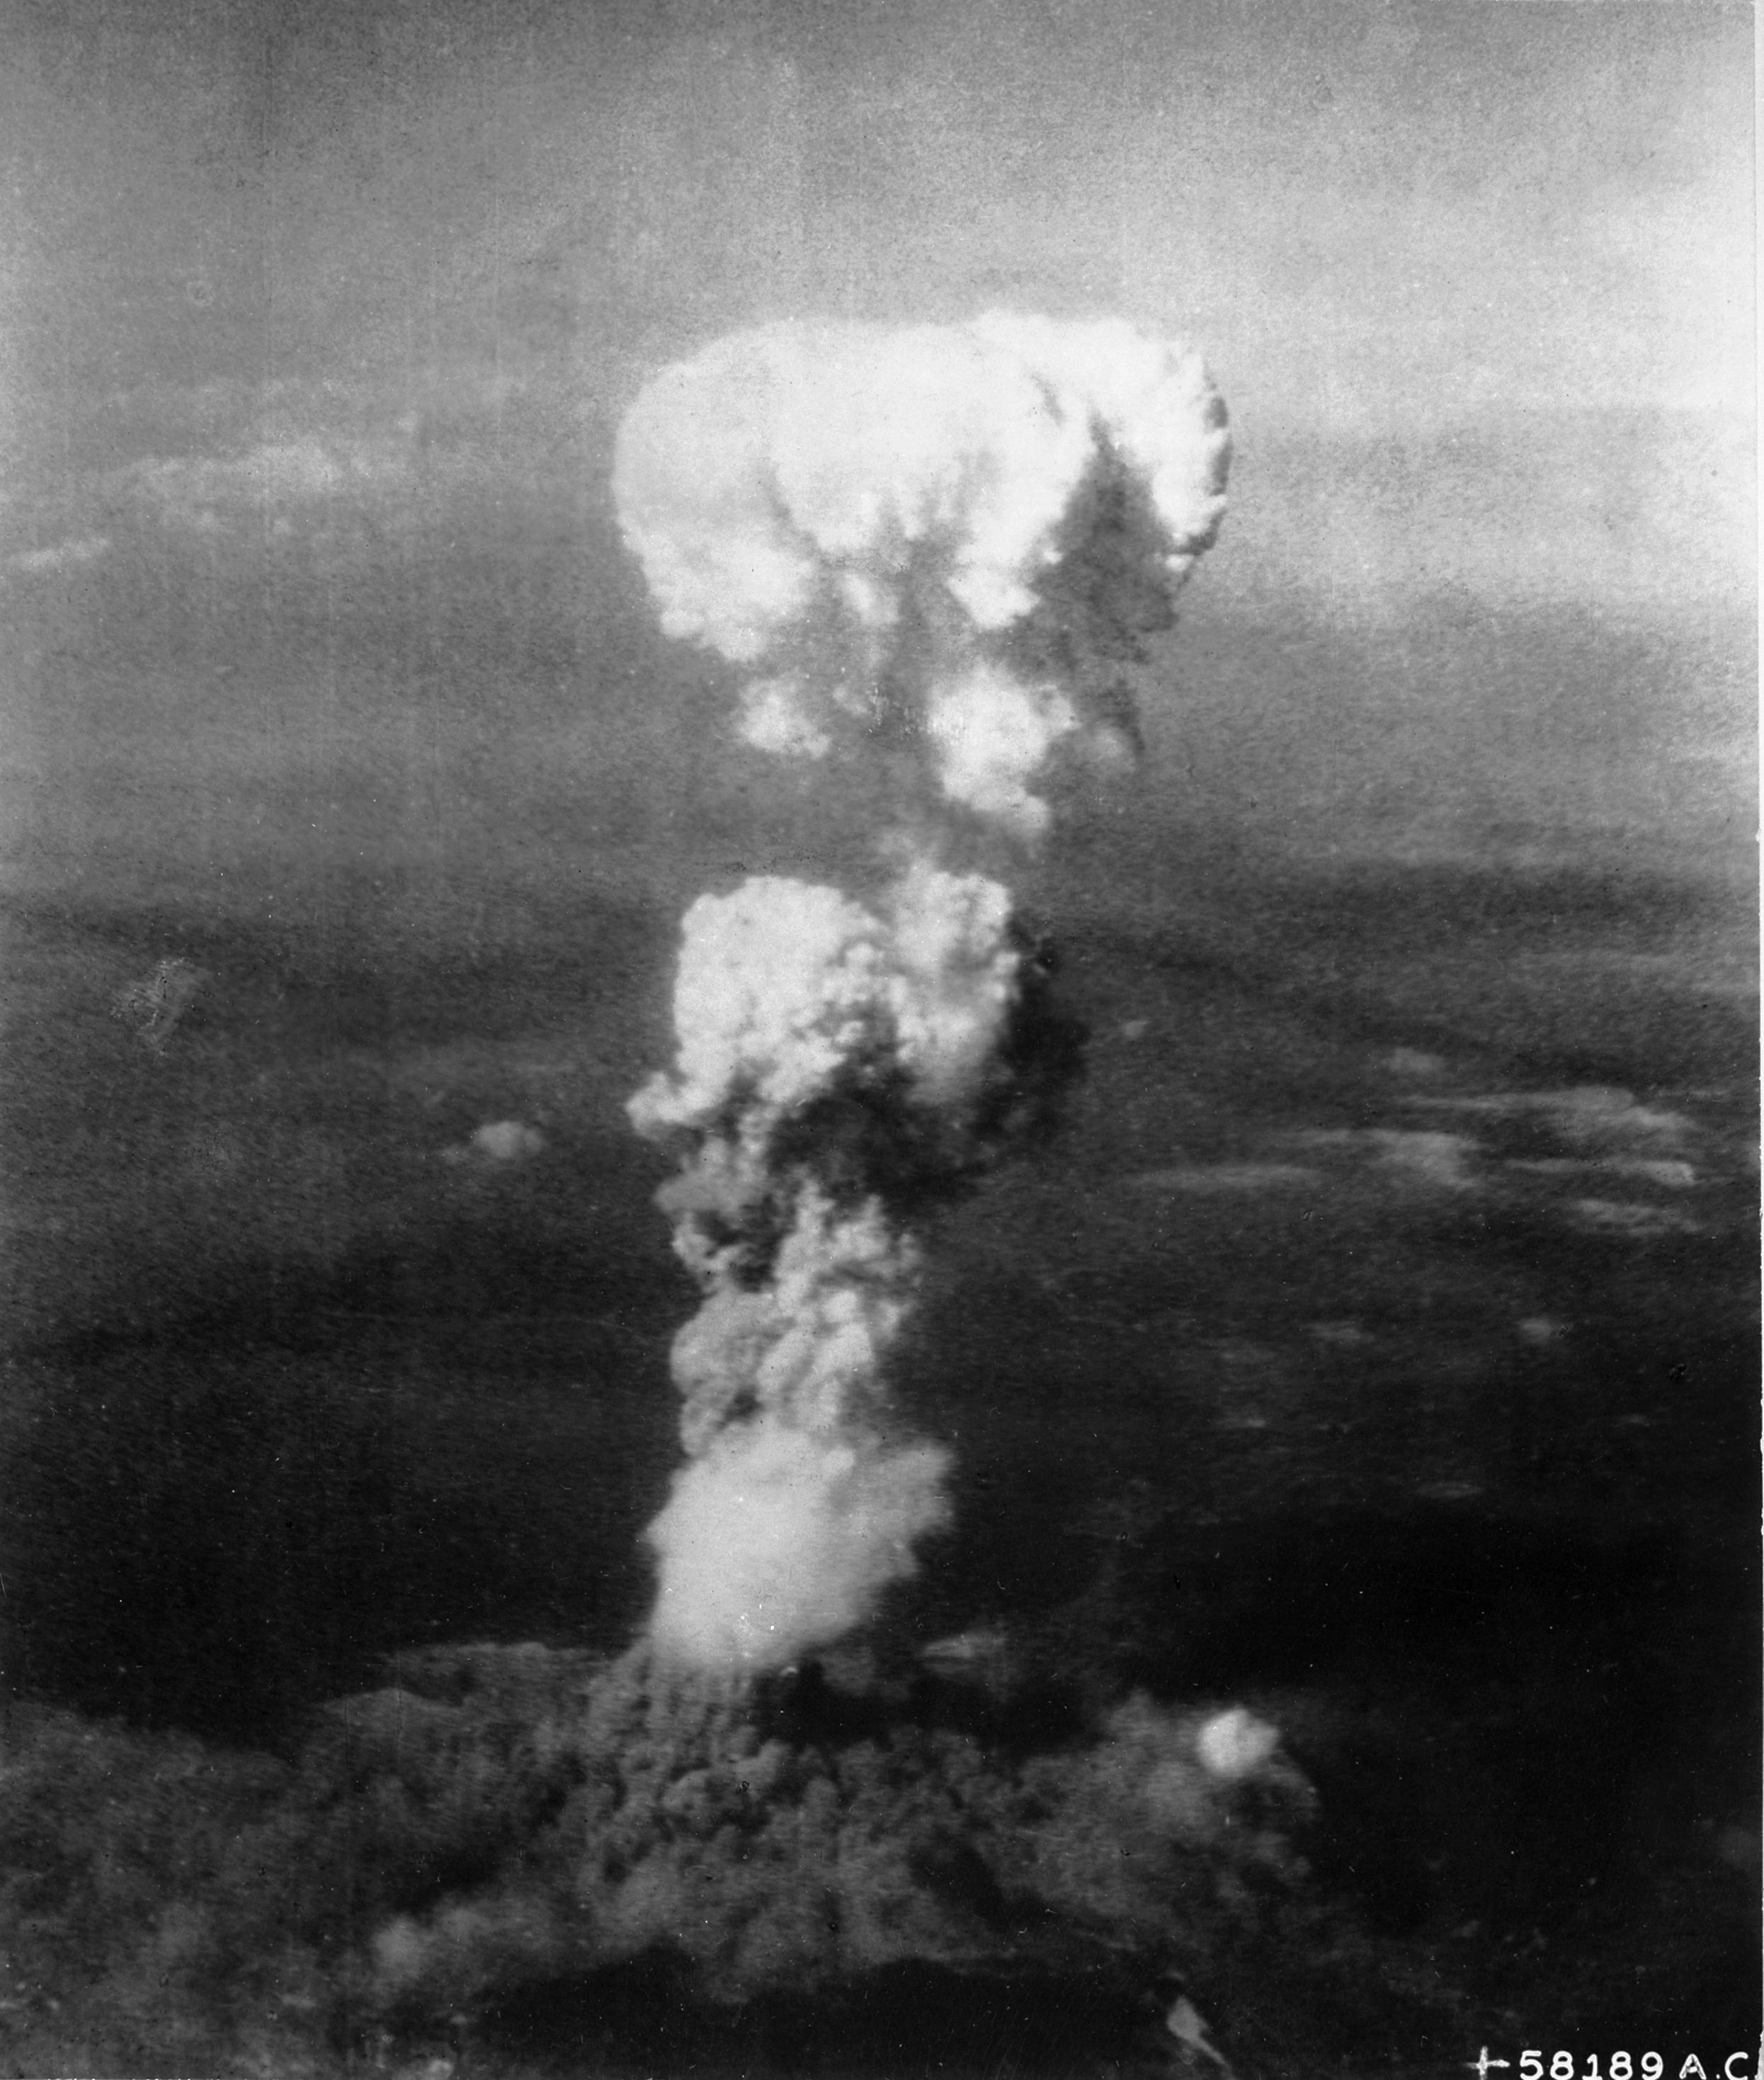 A explosão da bomba de Hiroshima.